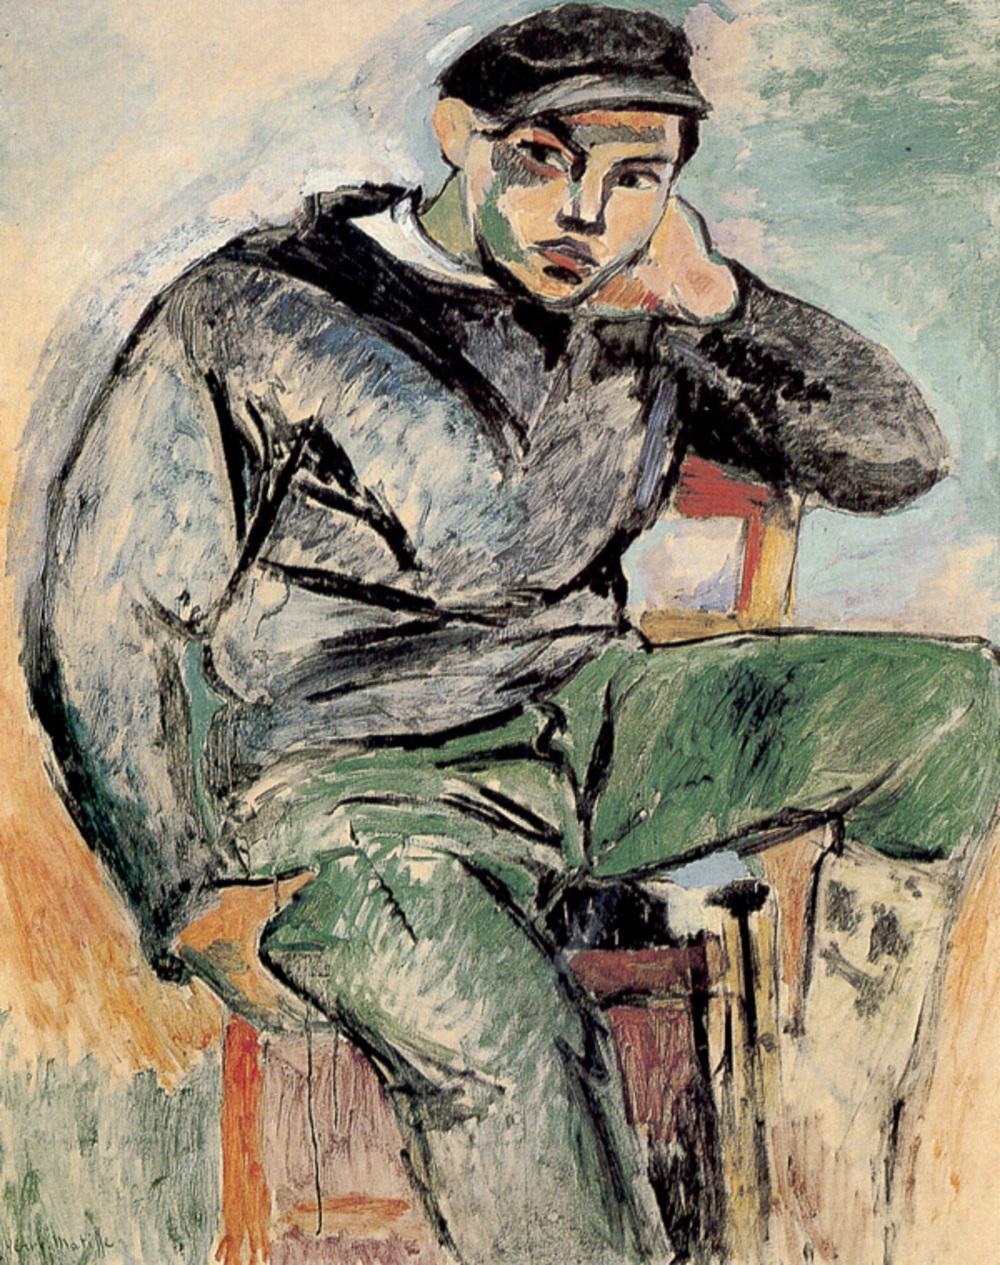 마티스, , 캔버스에 유화, 1906, 개인소장.